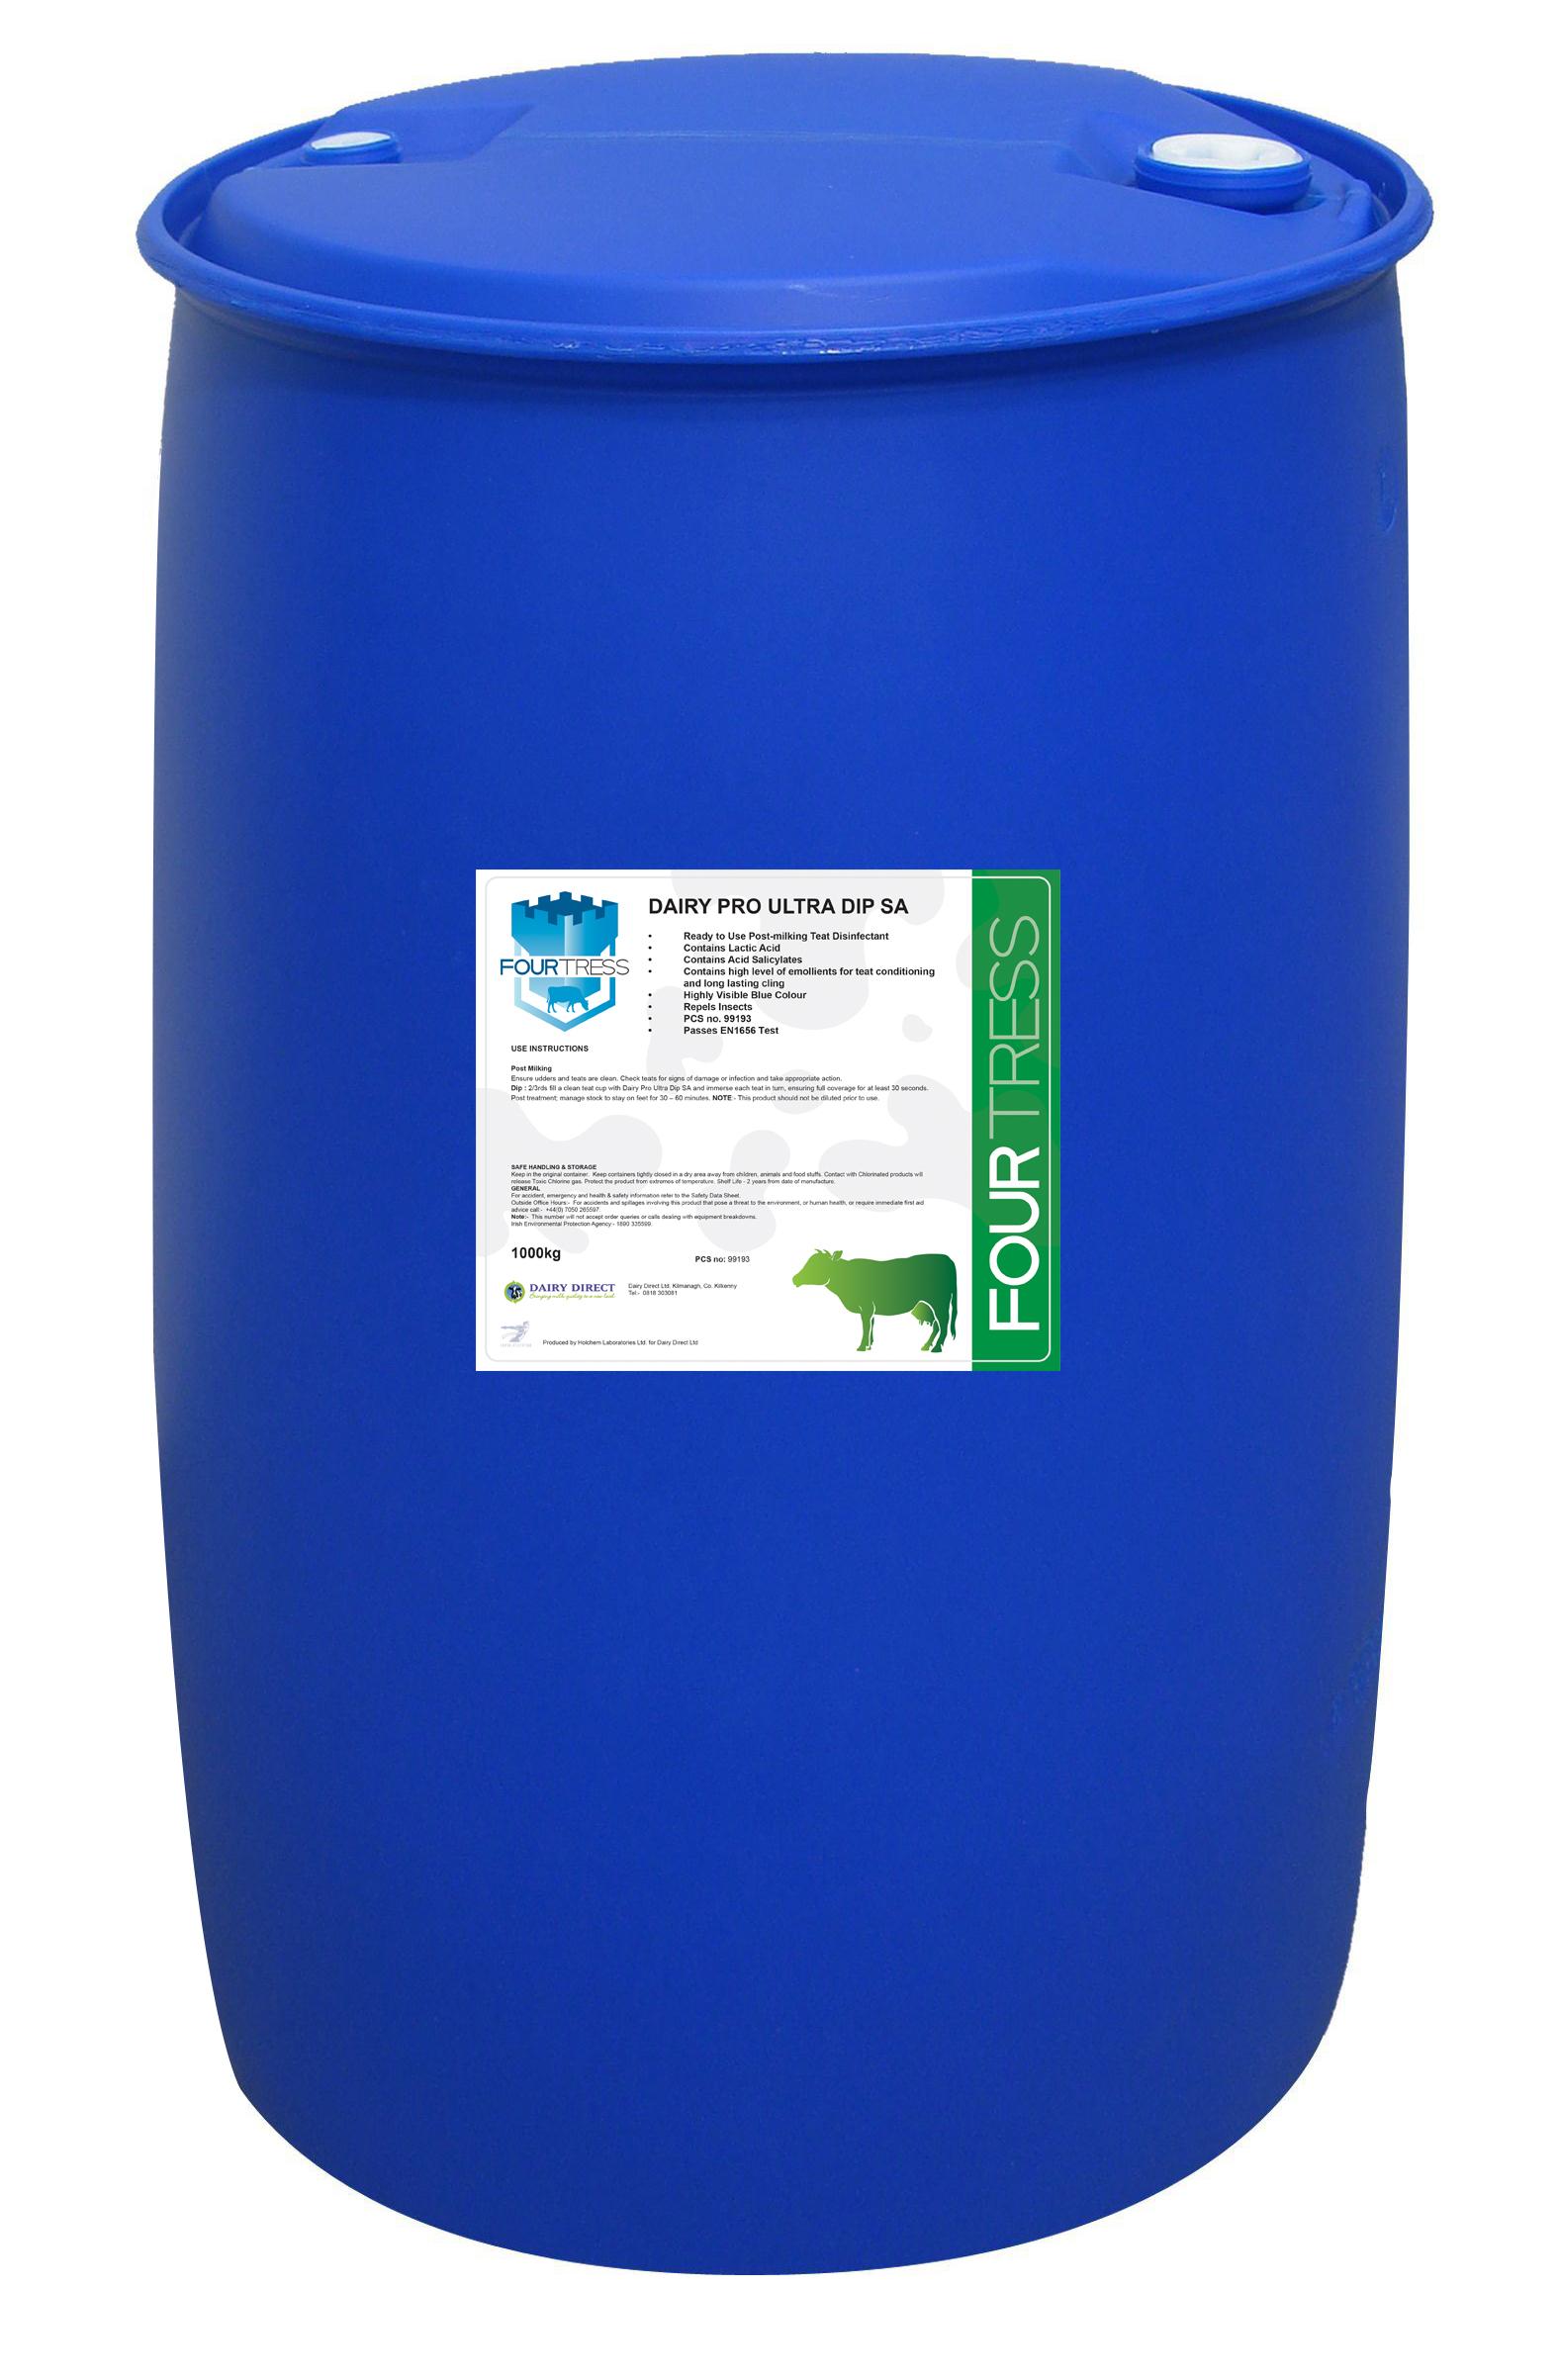 Dairypro Ultra Dip SA